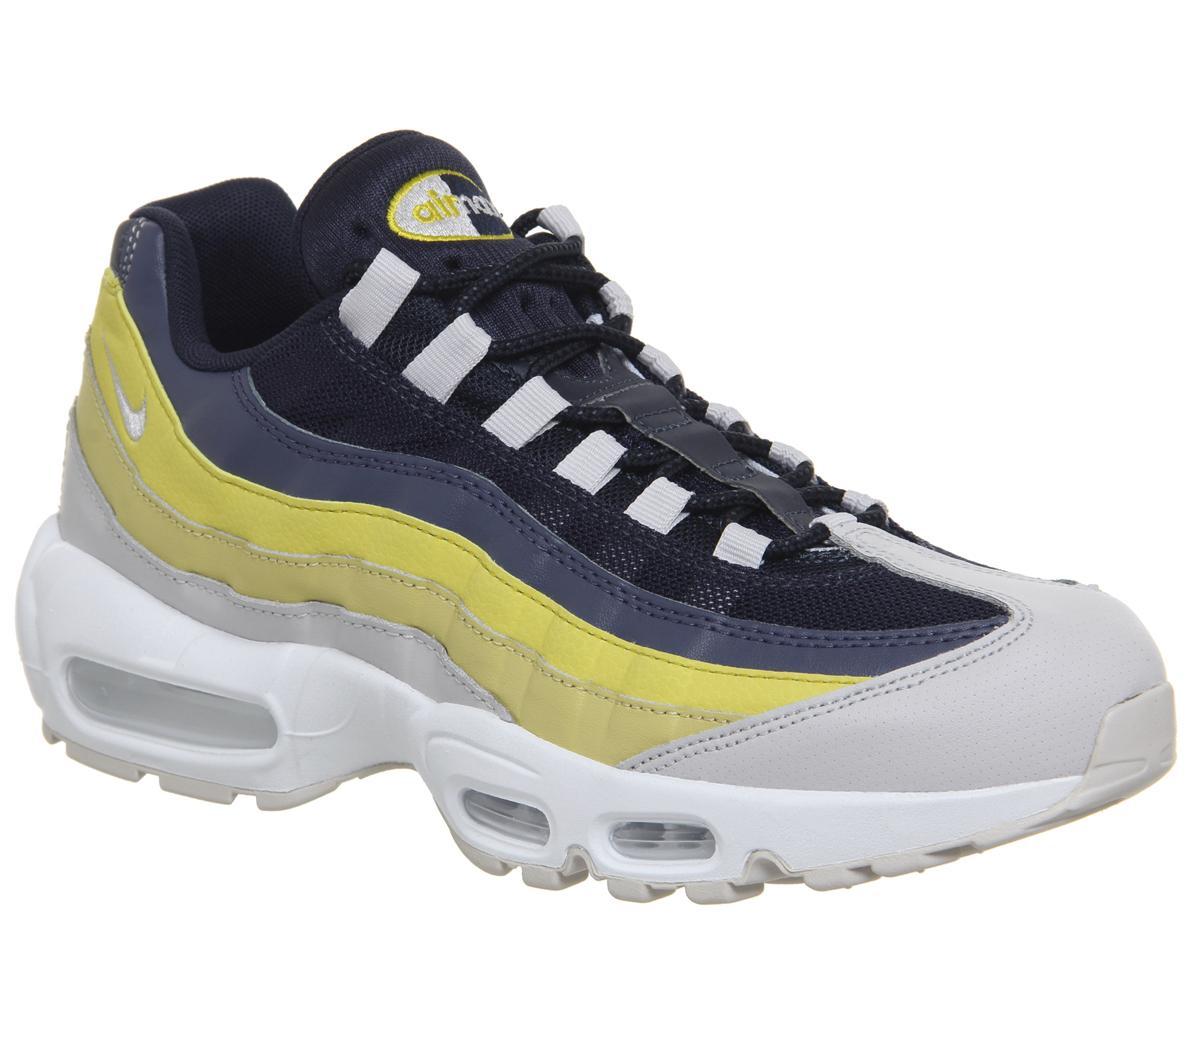 Mens WhiteLemon WashTour YellowVast Grey Nike Air Max 95